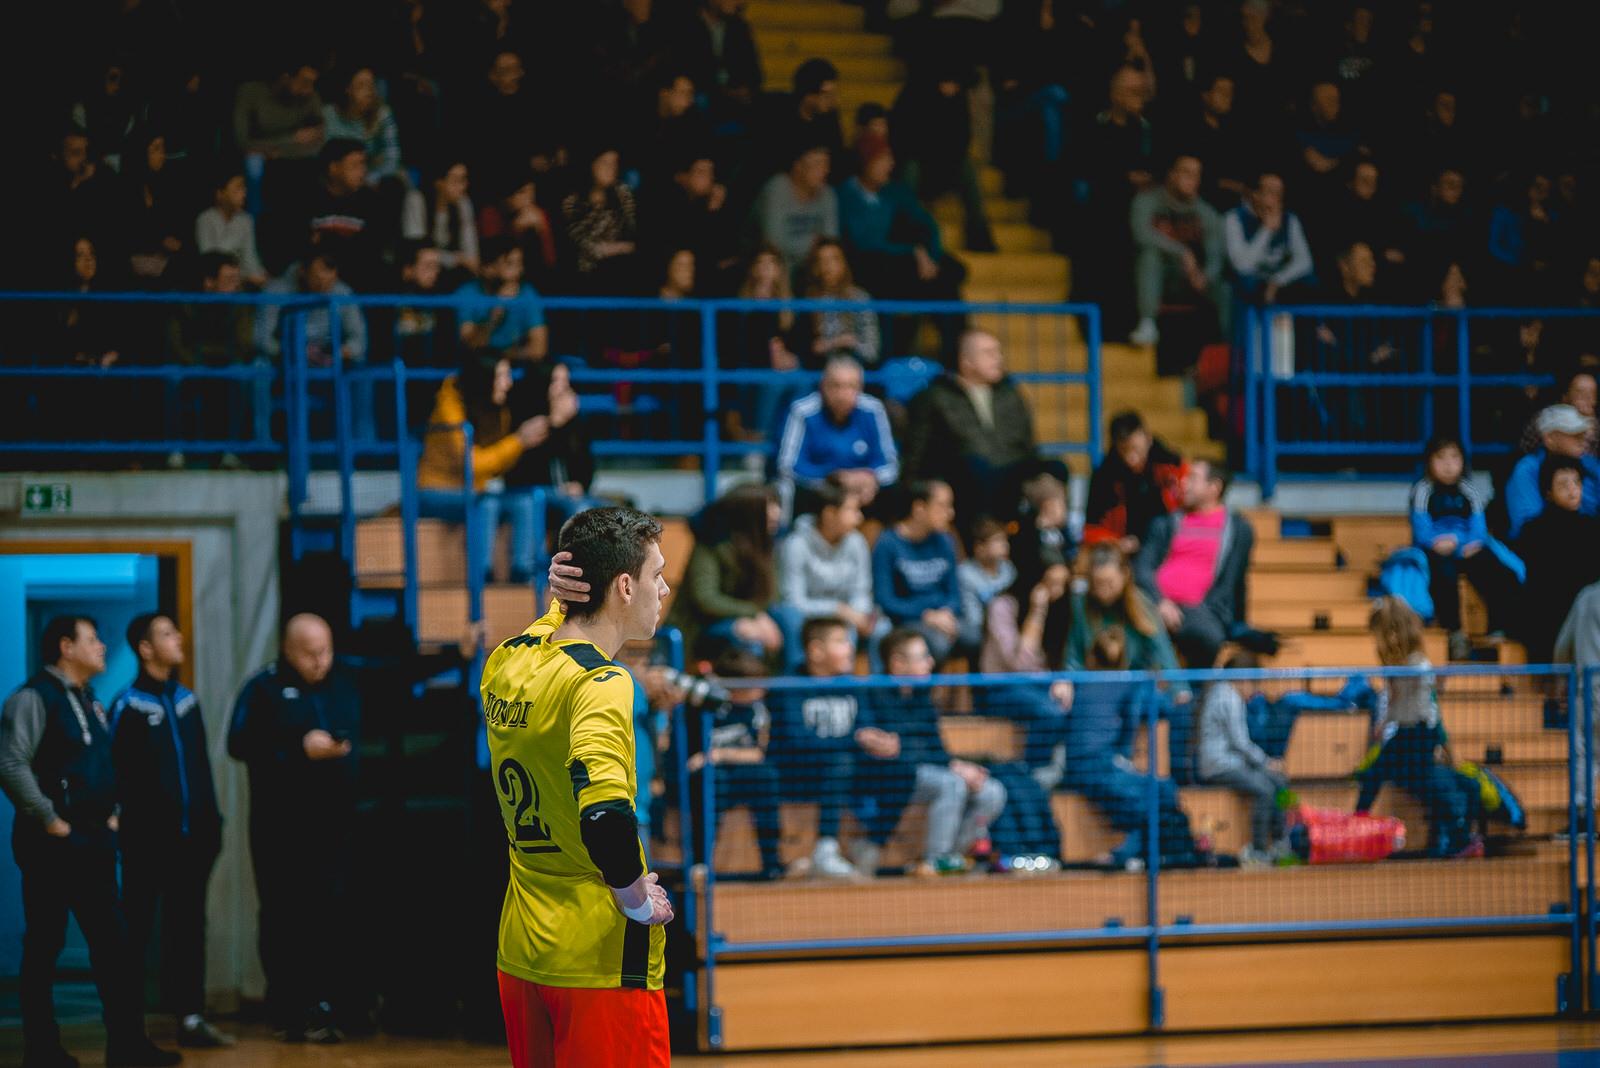 likaclub_gospić_zimski-malonogometni-turnir-2018-19-28